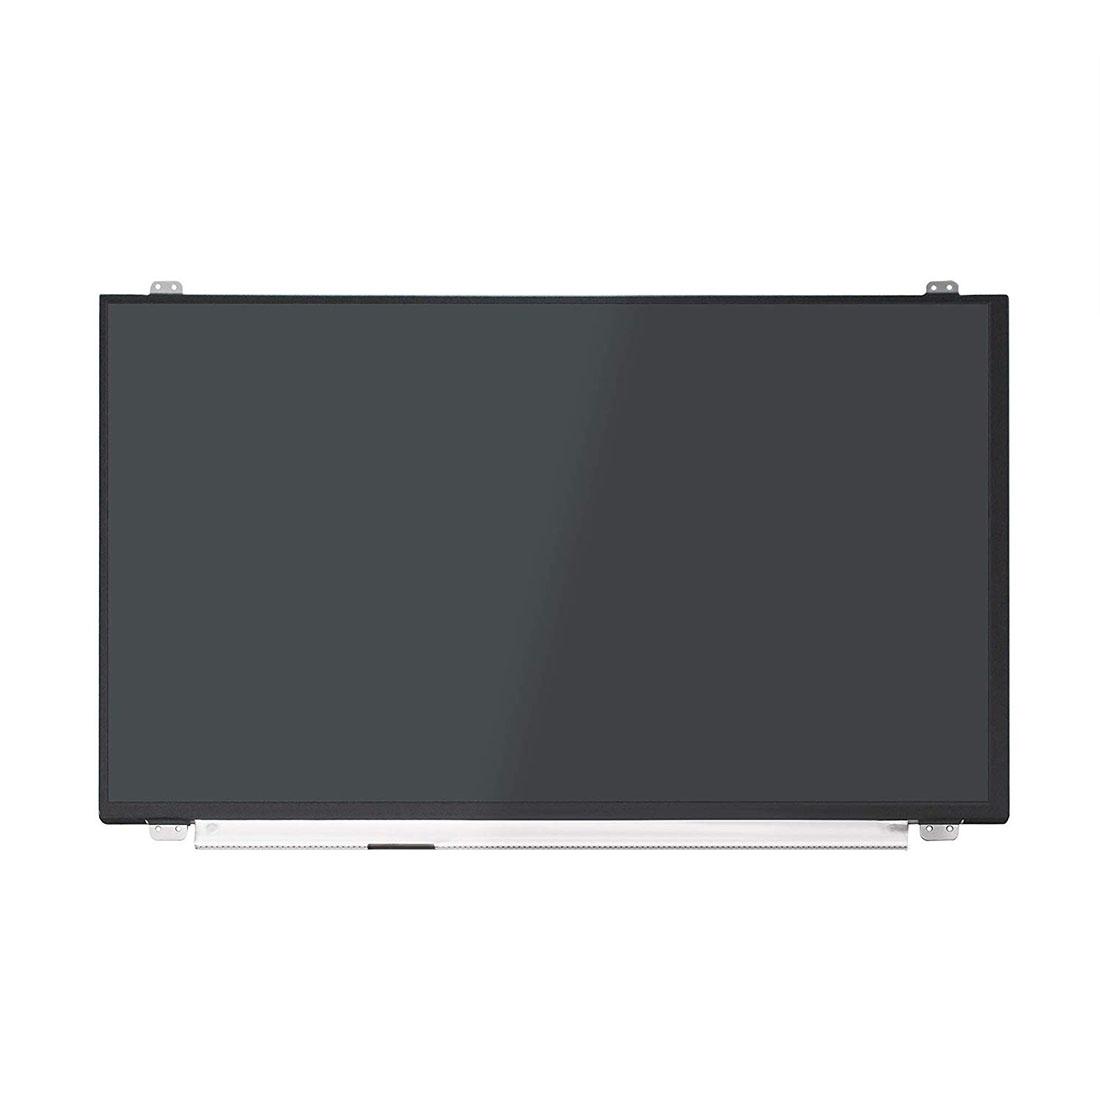 新品 N156HHE-GA1 N156HHE-GA1 1920X1080 FHD 120hz 液晶パネル 色域94% 液晶パネル 画面左右IPS処理 上下非IPS 修理交換用 液晶パネル